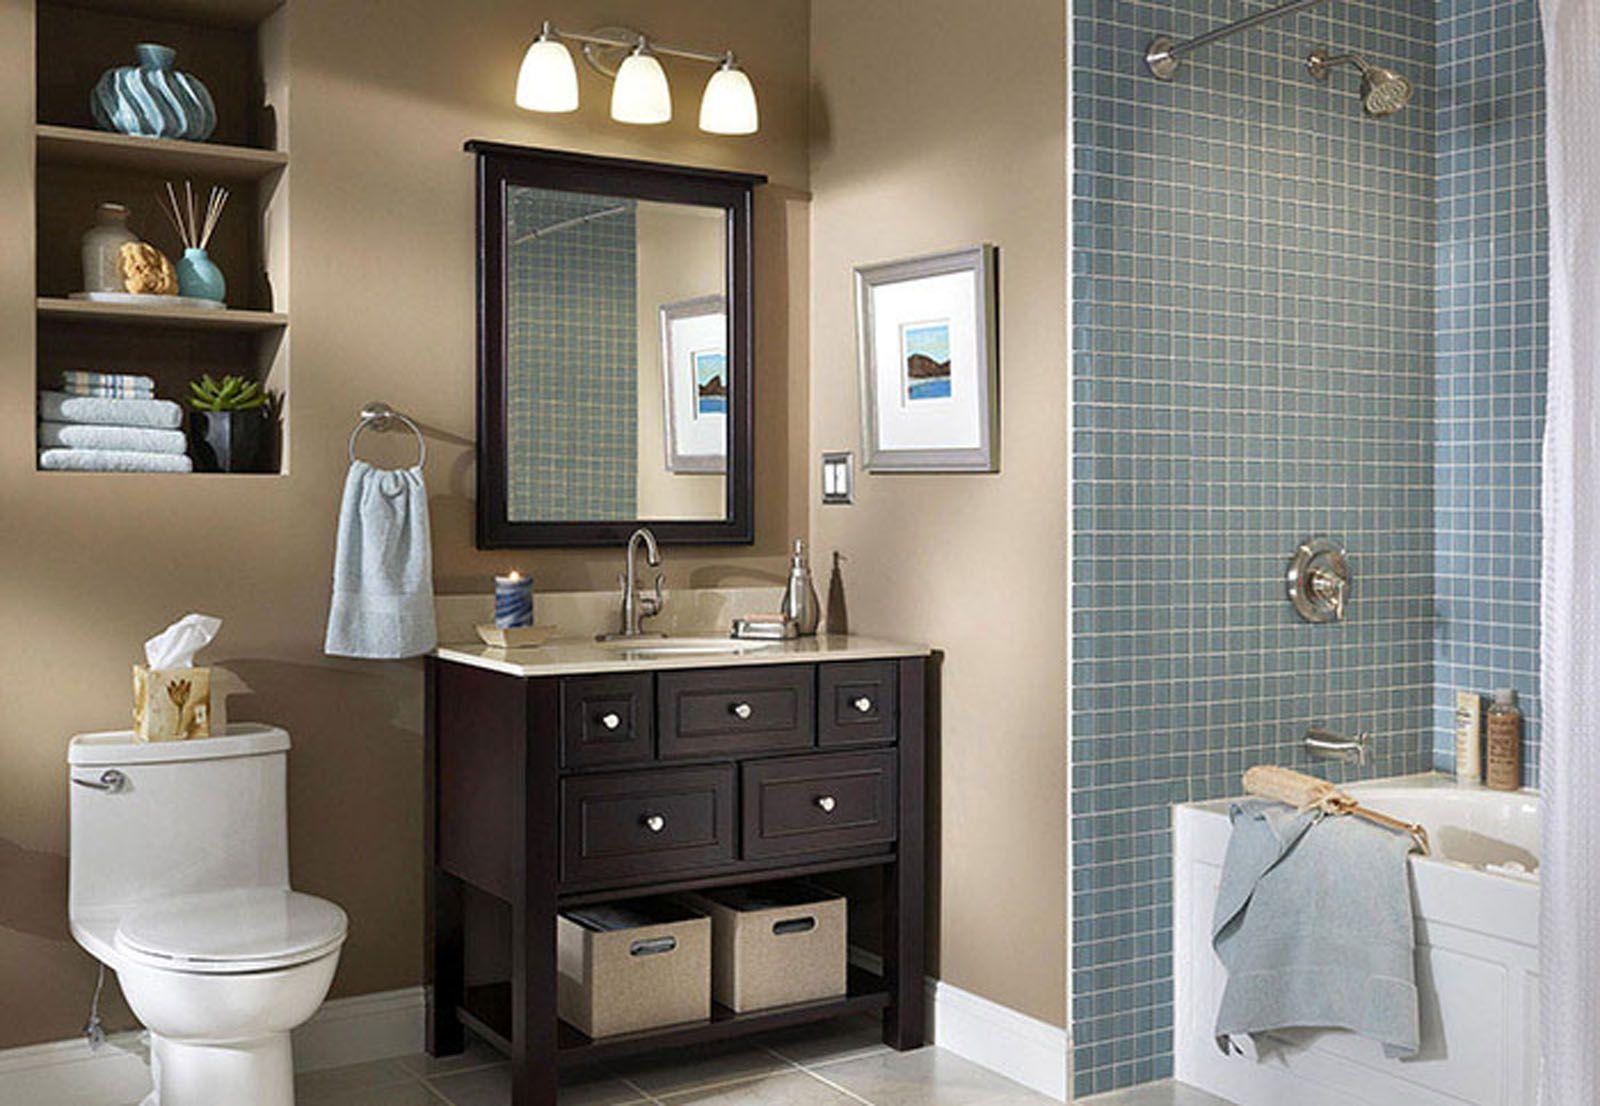 bathroom download small bathroom color ideas gen3congress com